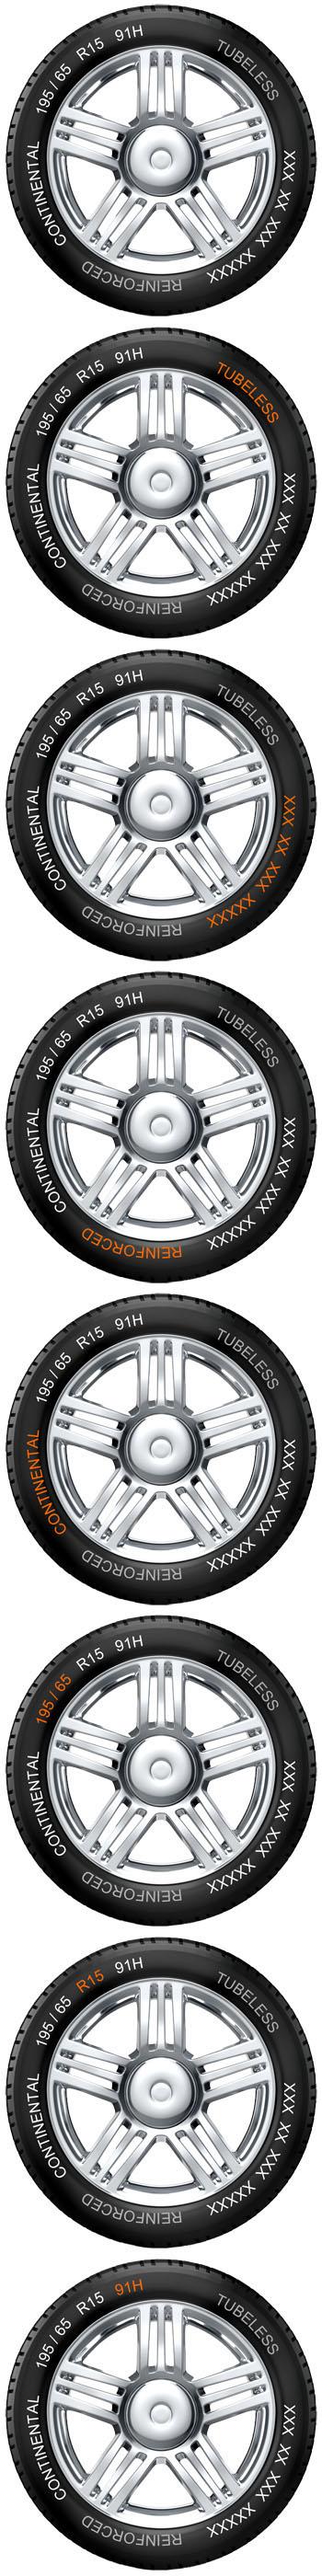 comment lire un pneu sur le site comparez les prix de pneus neufs sur internet. Black Bedroom Furniture Sets. Home Design Ideas